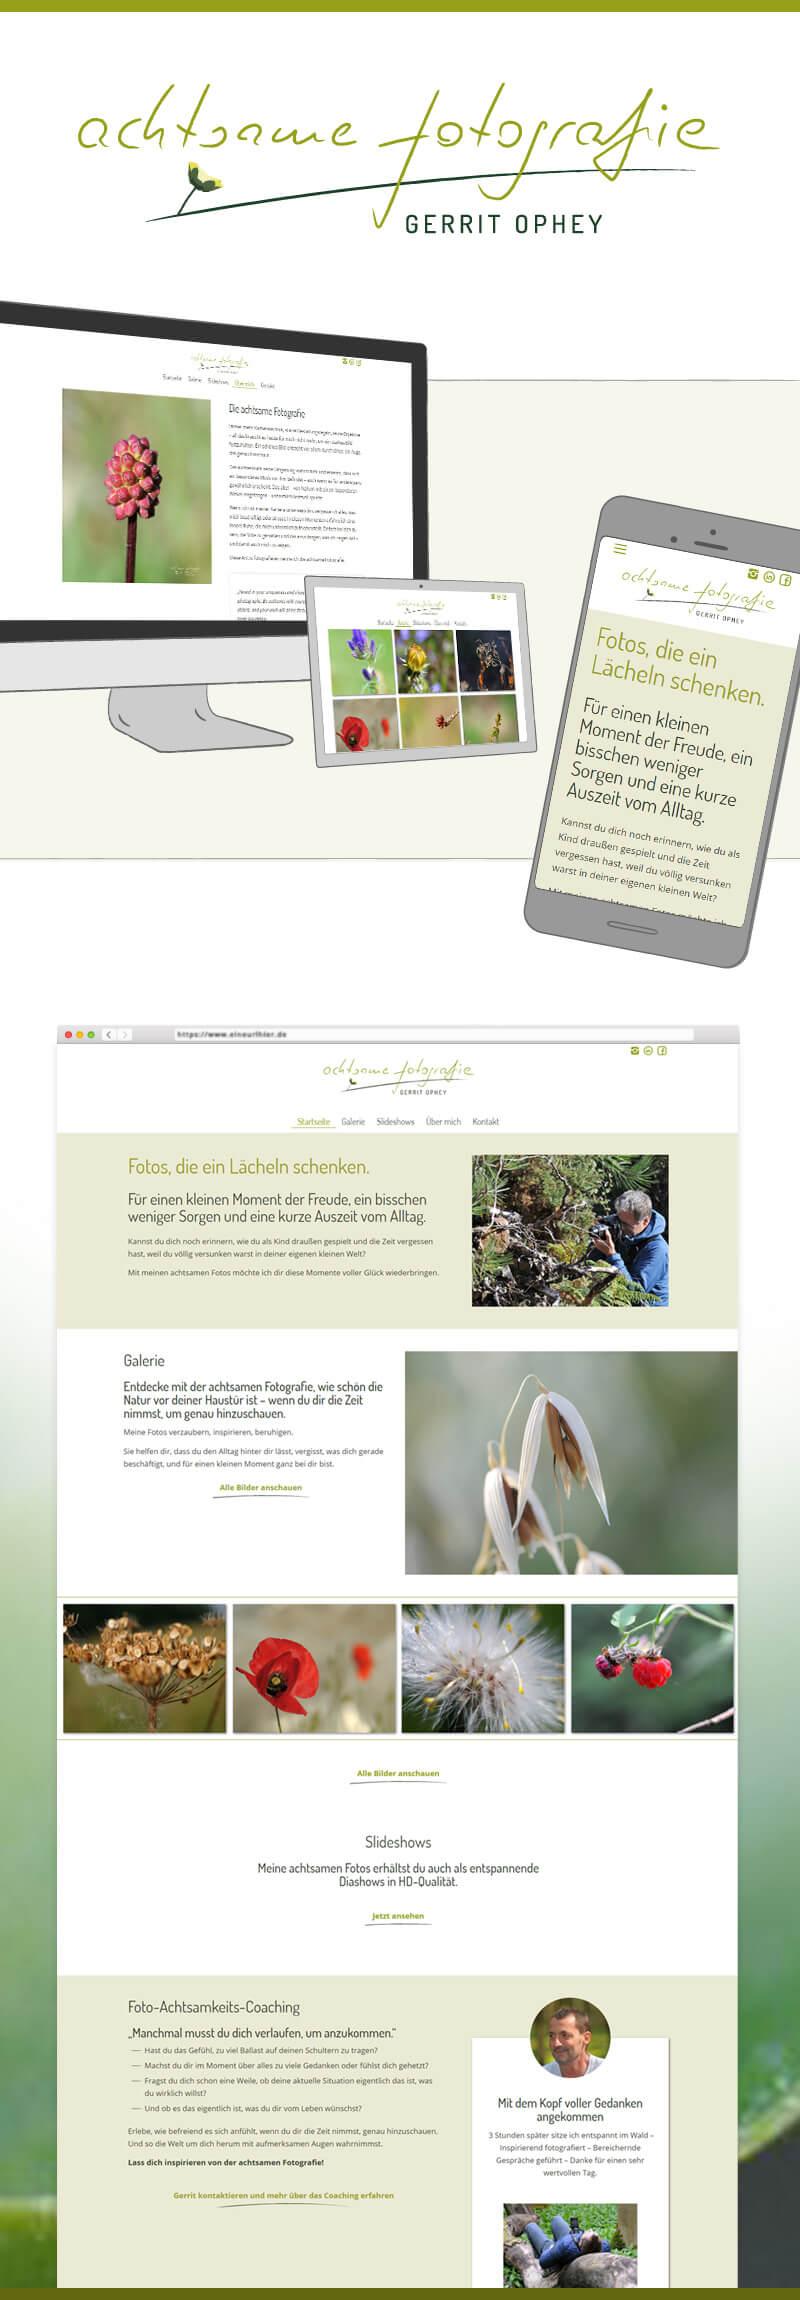 Webdesign für Gerrit Ophey achtsame fotografie